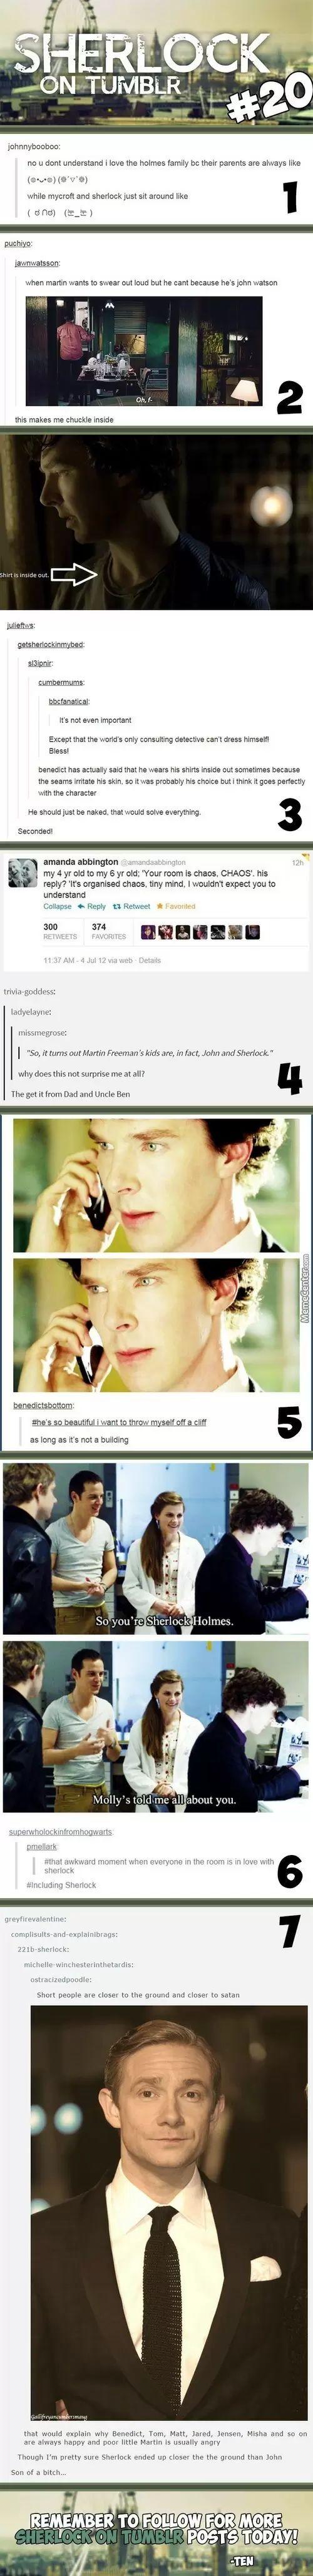 Sherlock On Tumblr #20